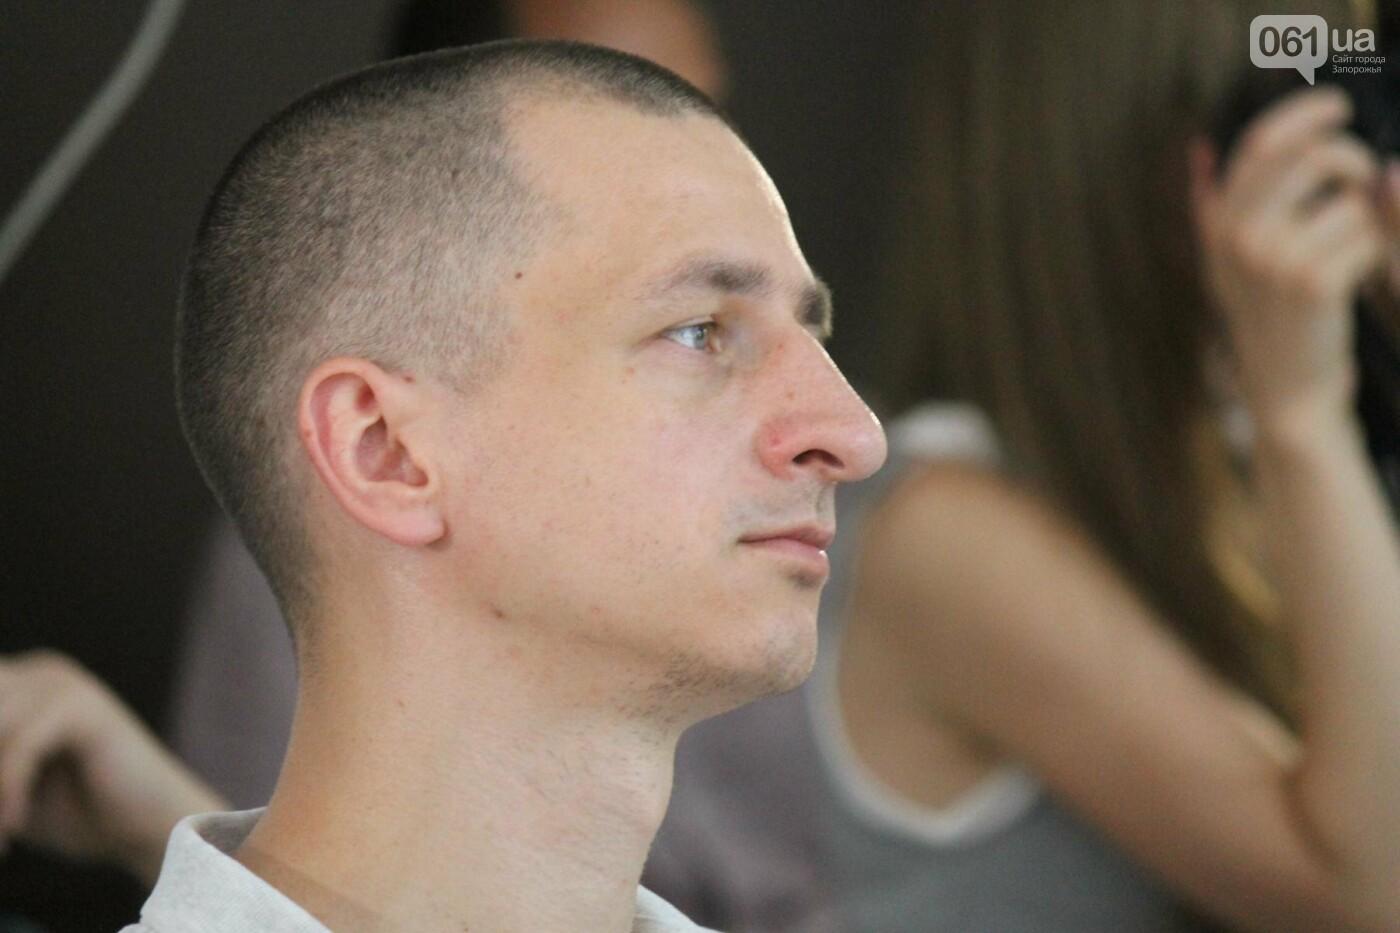 В Запорожье провели мозговой штурм и обсудили будущий проект Привокзальной площади, – ФОТОРЕПОРТАЖ, фото-17